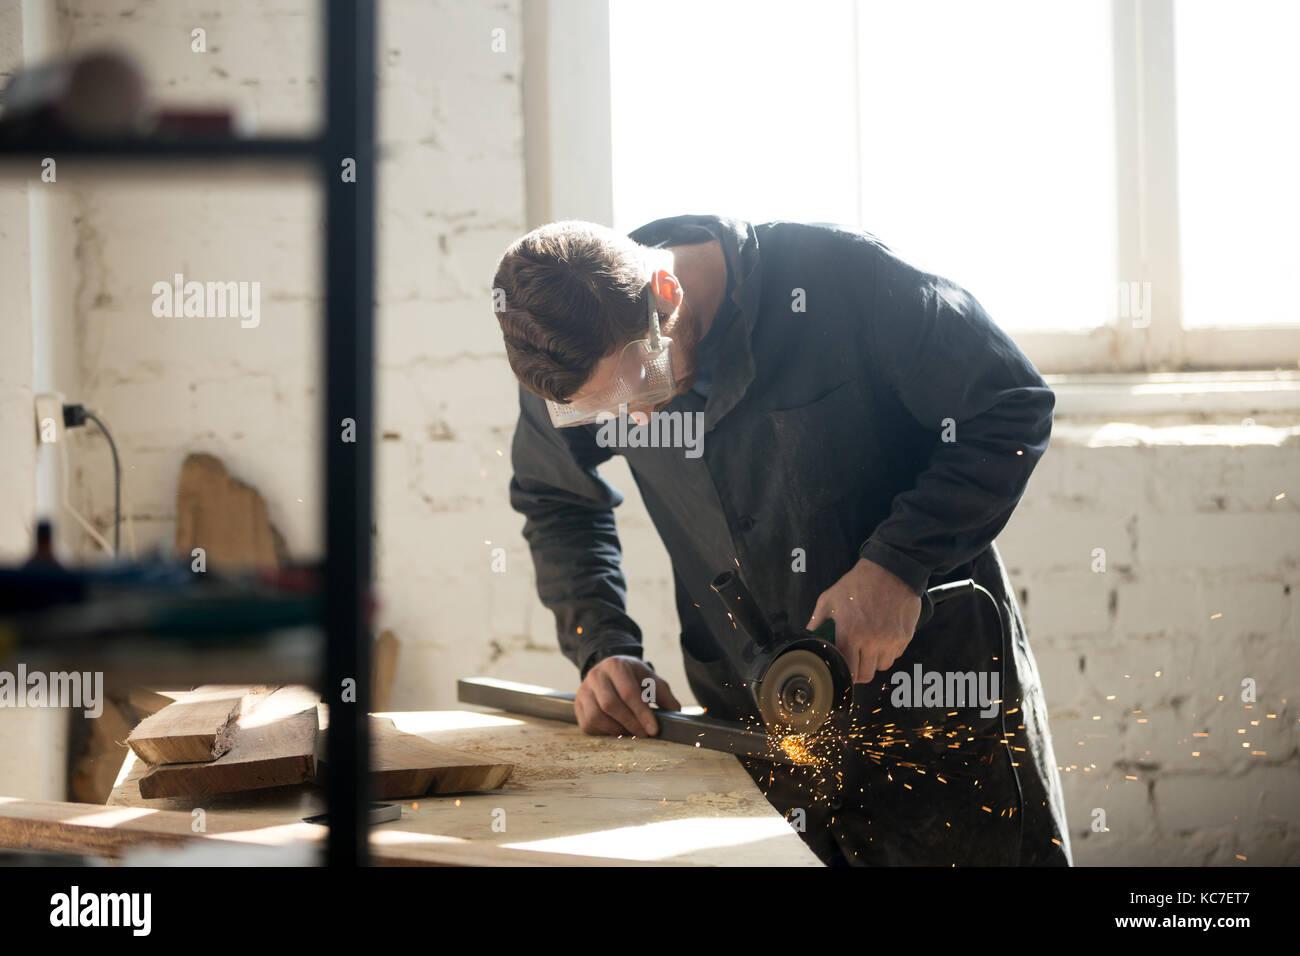 Artigiano rende proprio successo della piccola azienda Immagini Stock